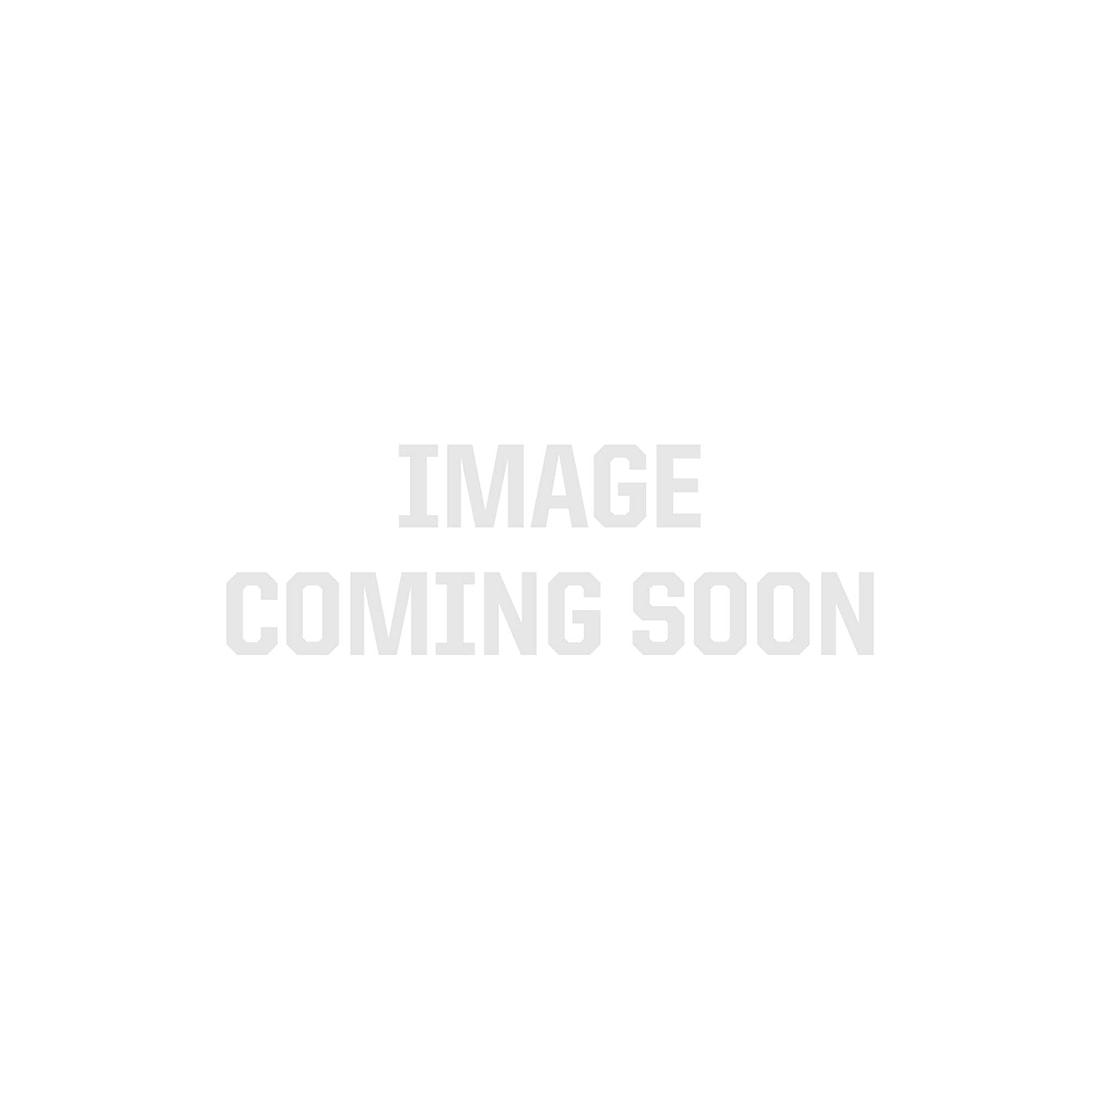 UglyBox MK2, UglyBox MK2 Single Band, TRX/RX